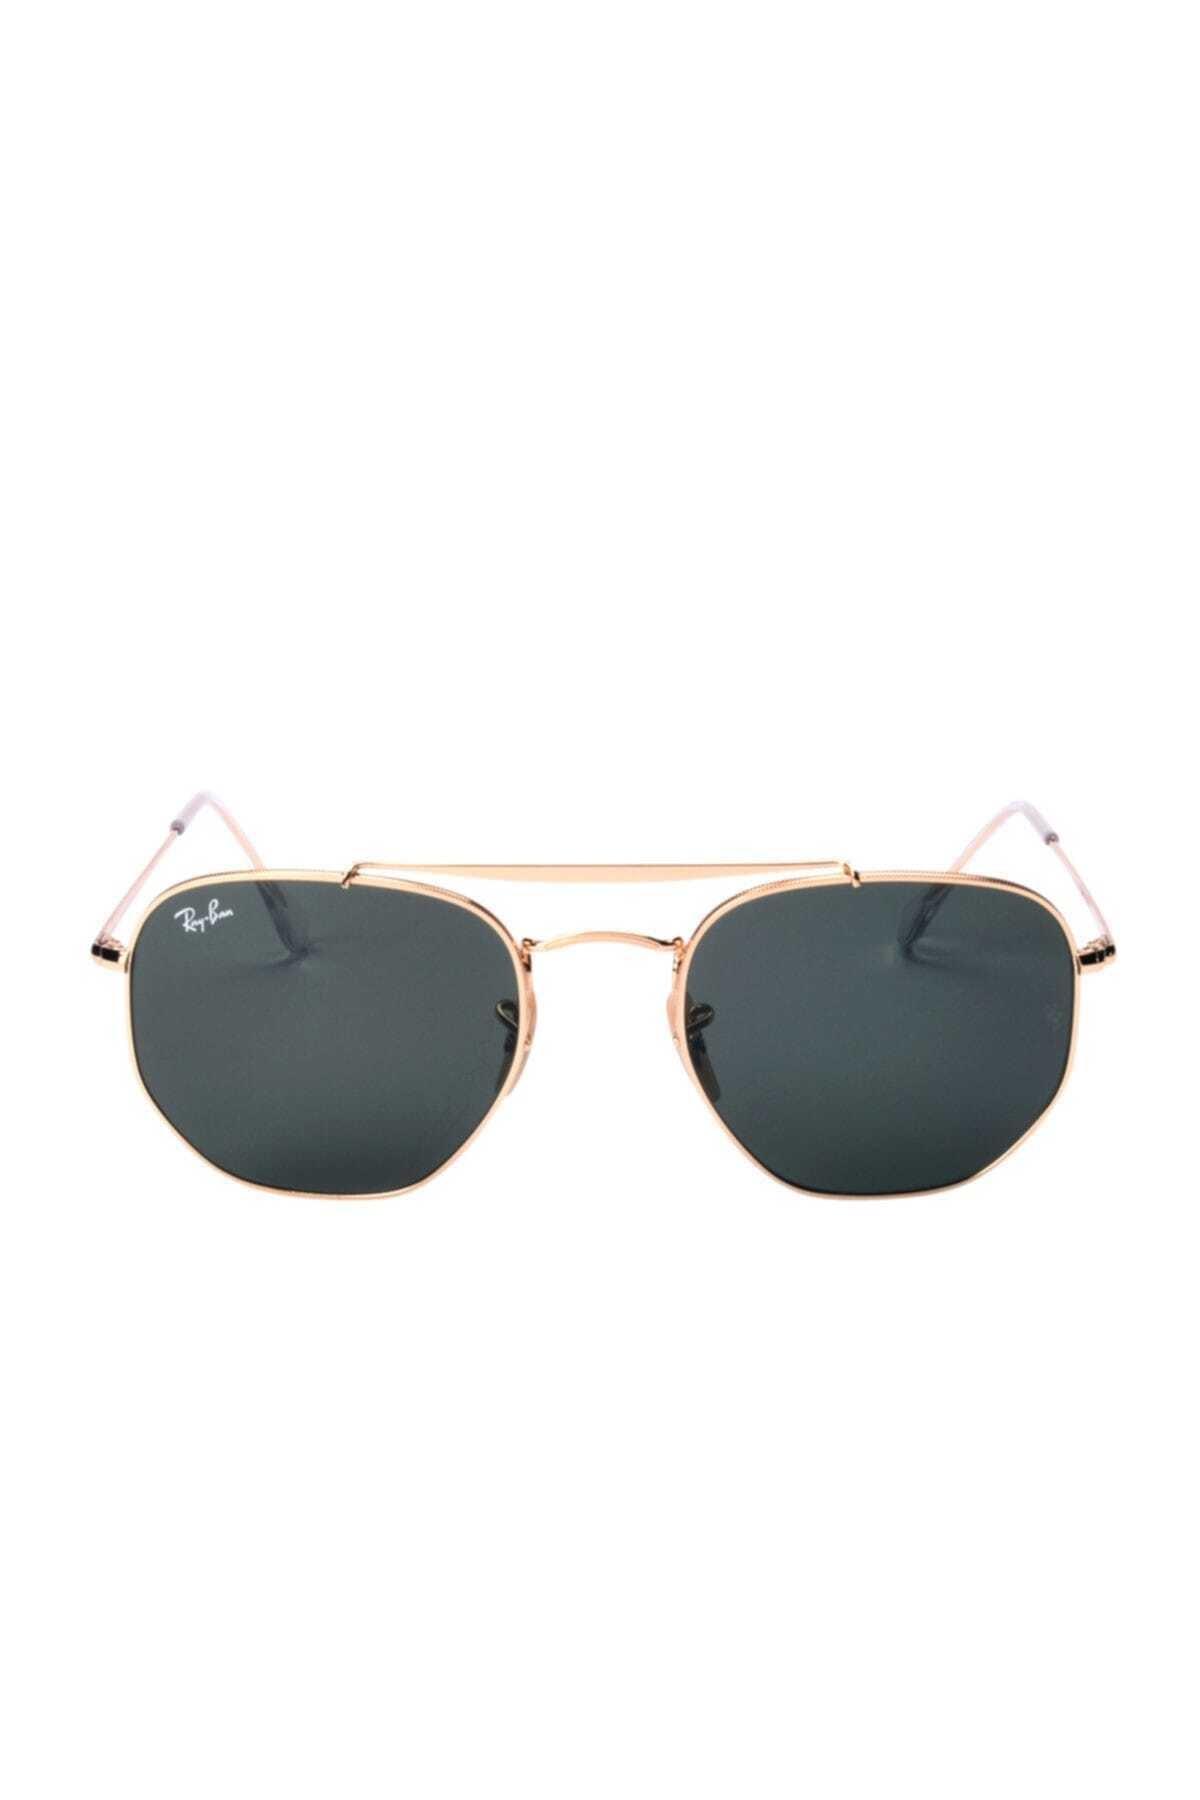 خرید نقدی عینک آفتابی زنانه  برند ری بن کد ty2484699